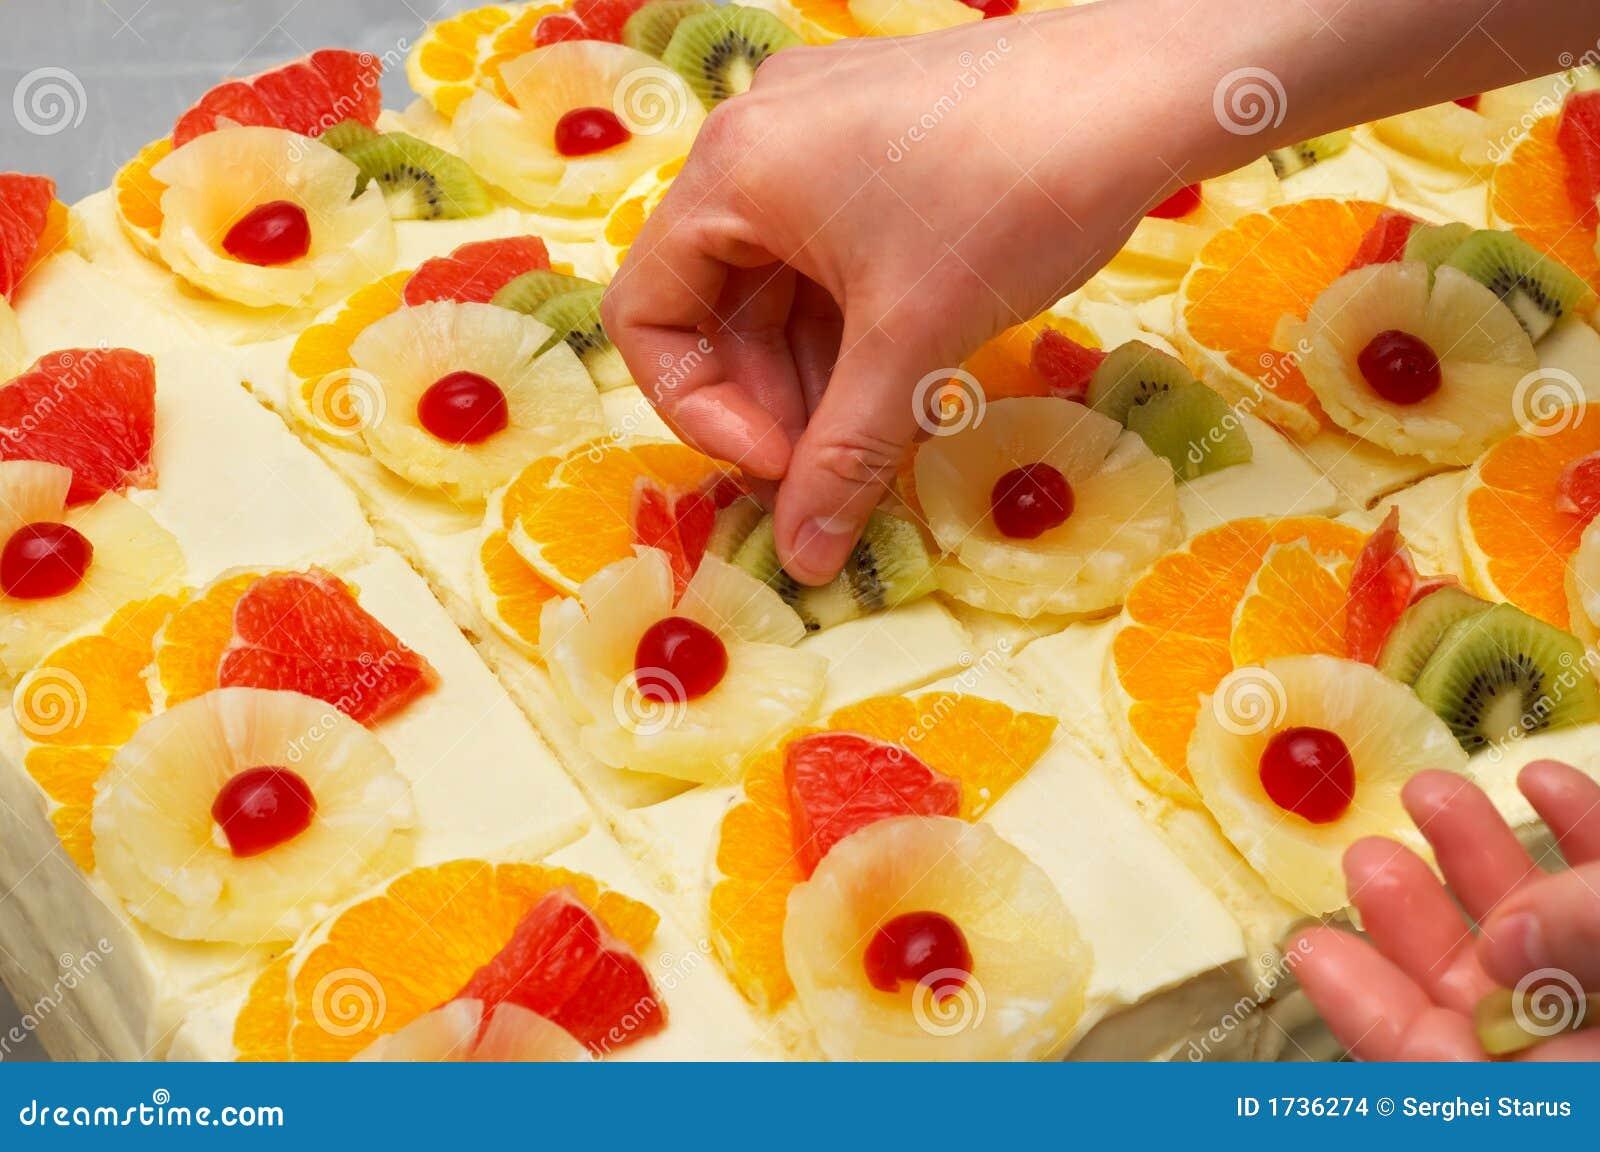 Favori Décoration Des Gâteaux De Fruit Images stock - Image: 1736274 FJ63